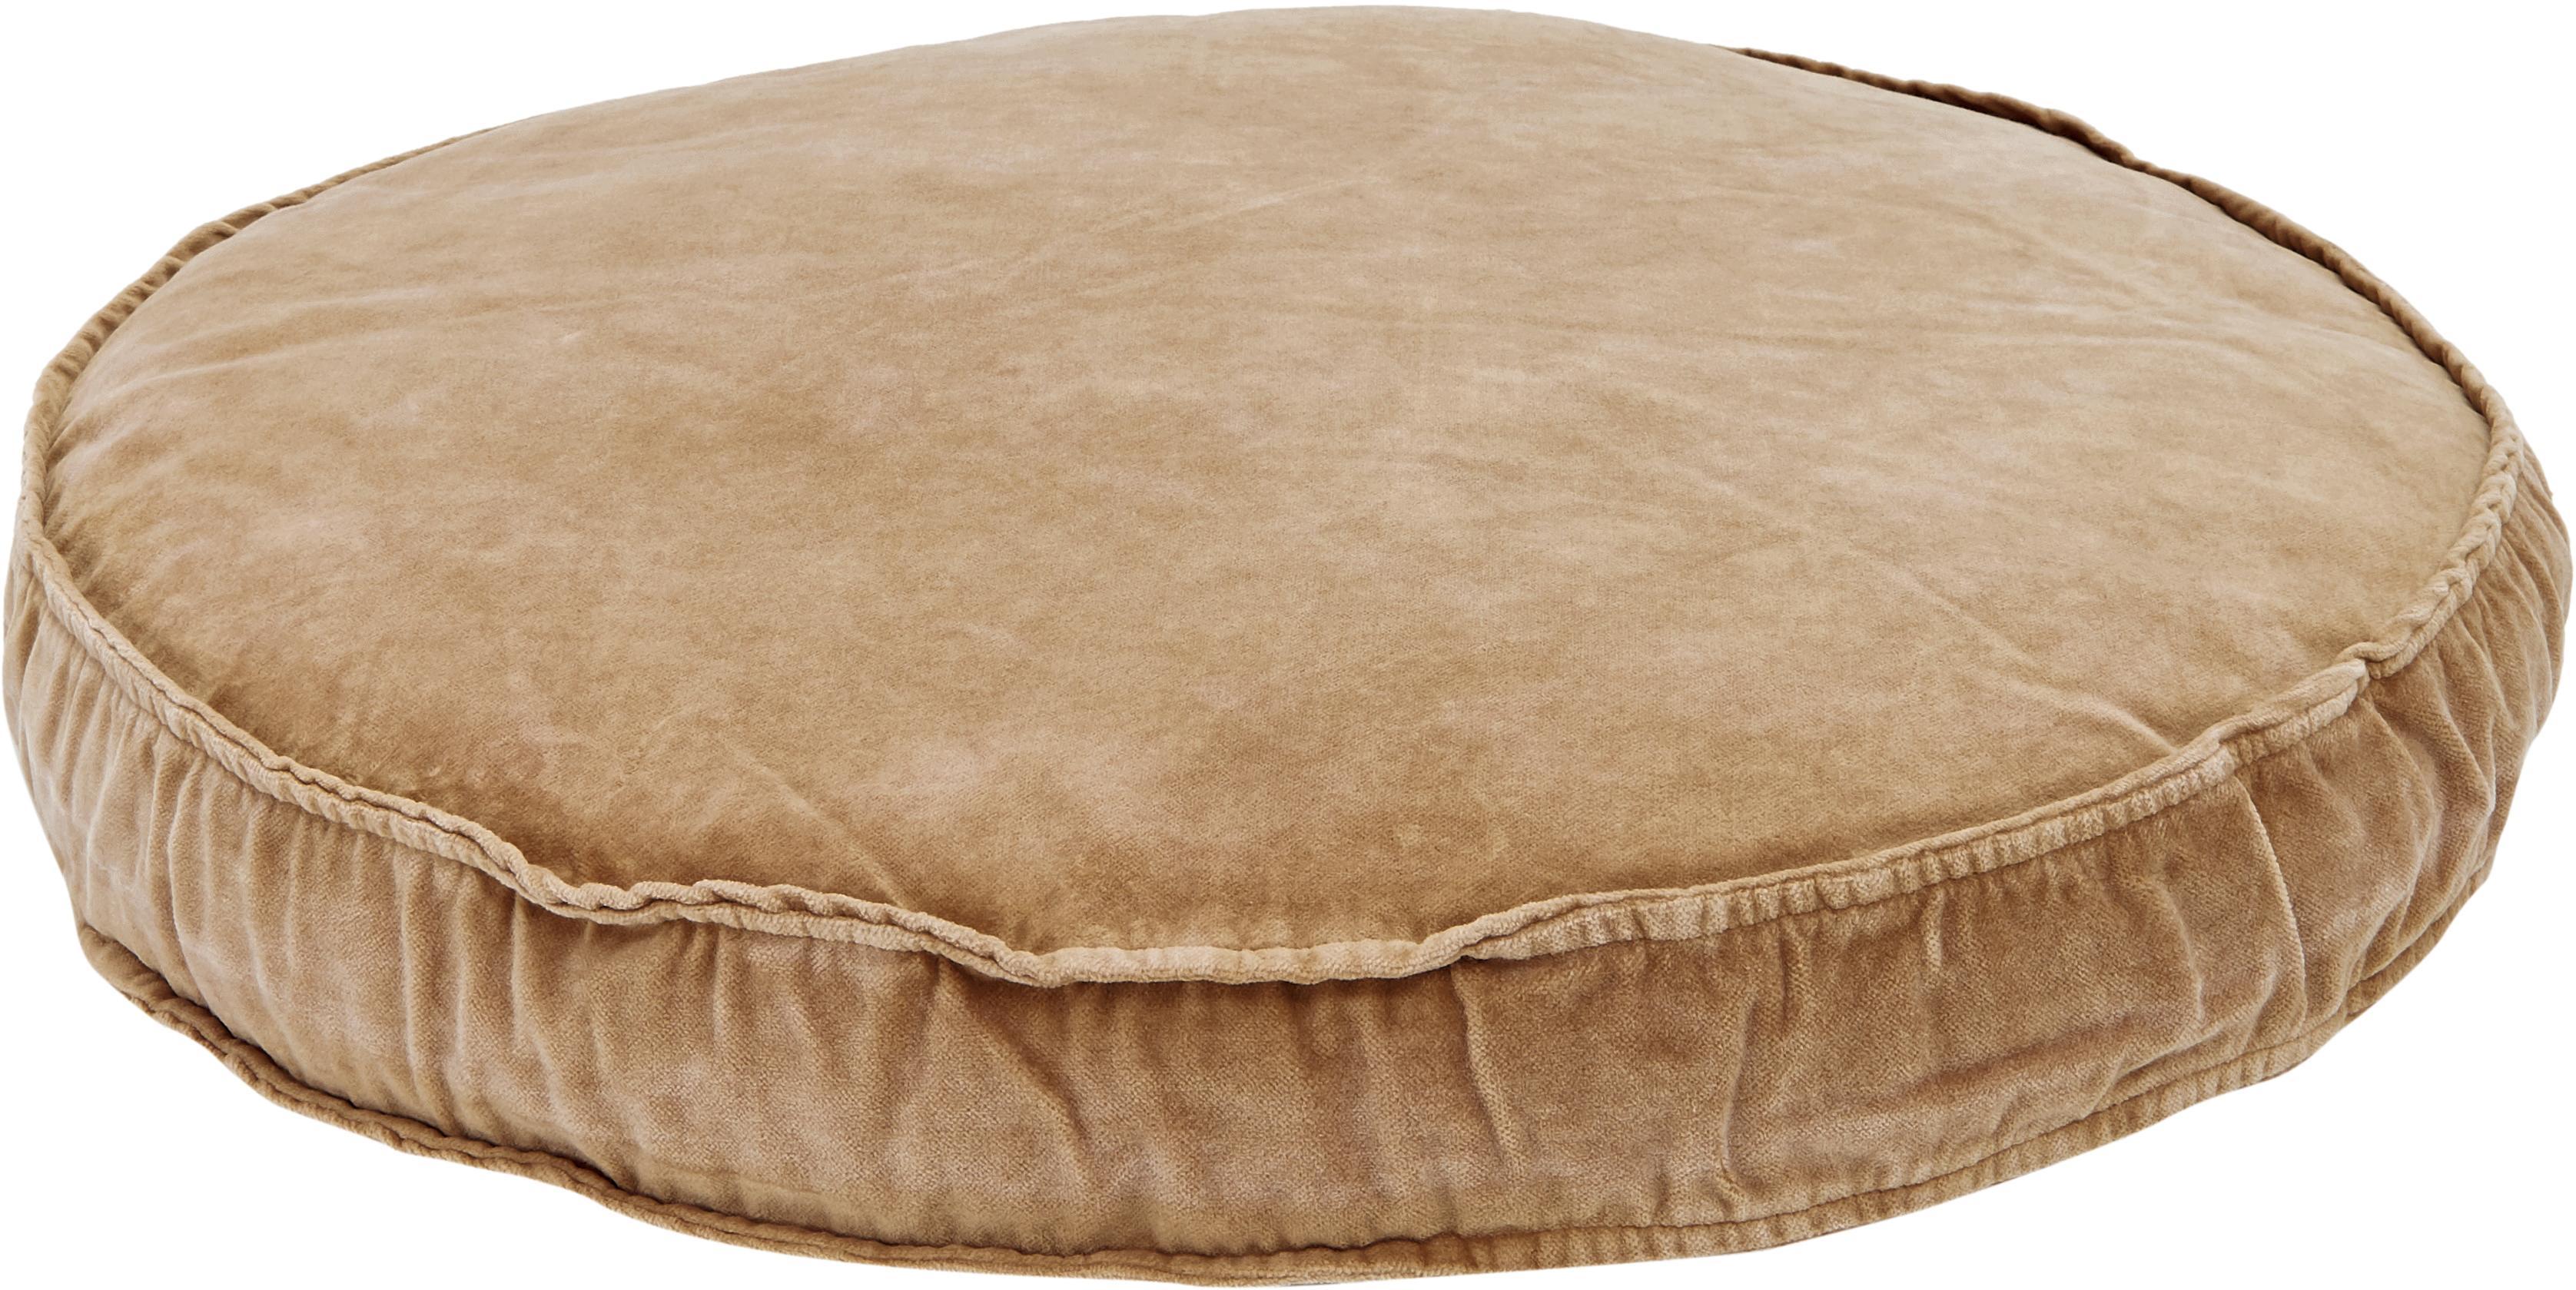 Grosses Samt-Sitzkissen Runda, Vorderseite: Baumwollsamt, Rückseite: 100% Baumwolle, Sandfarben, Ø 60 x H 6 cm